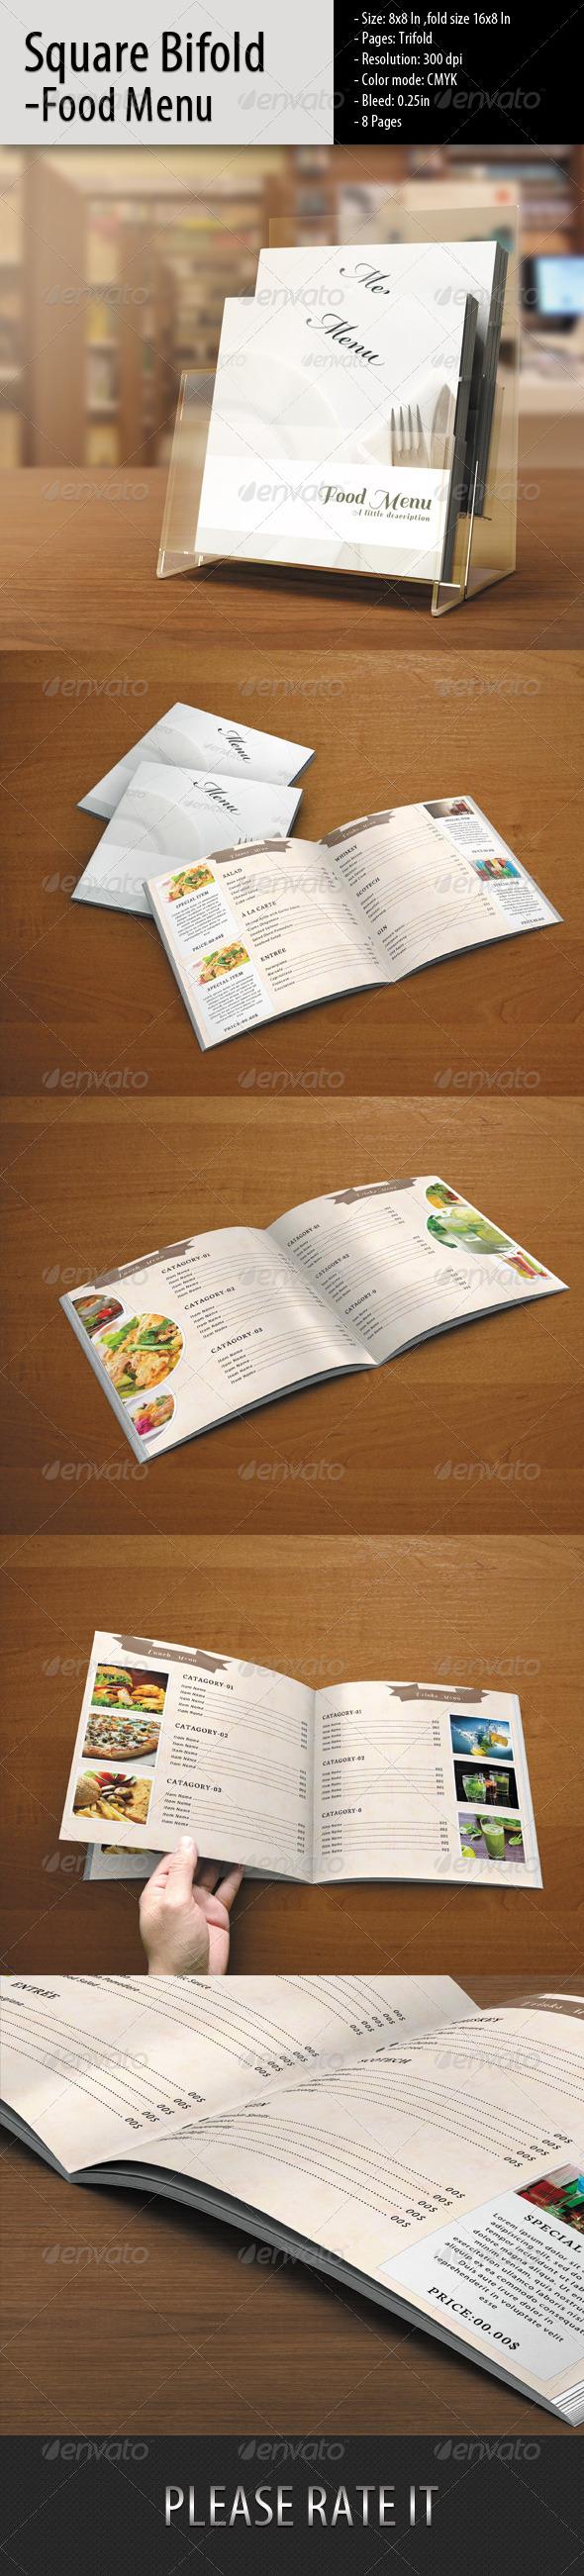 Square Bifold-Simple Food Menu - Food Menus Print Templates